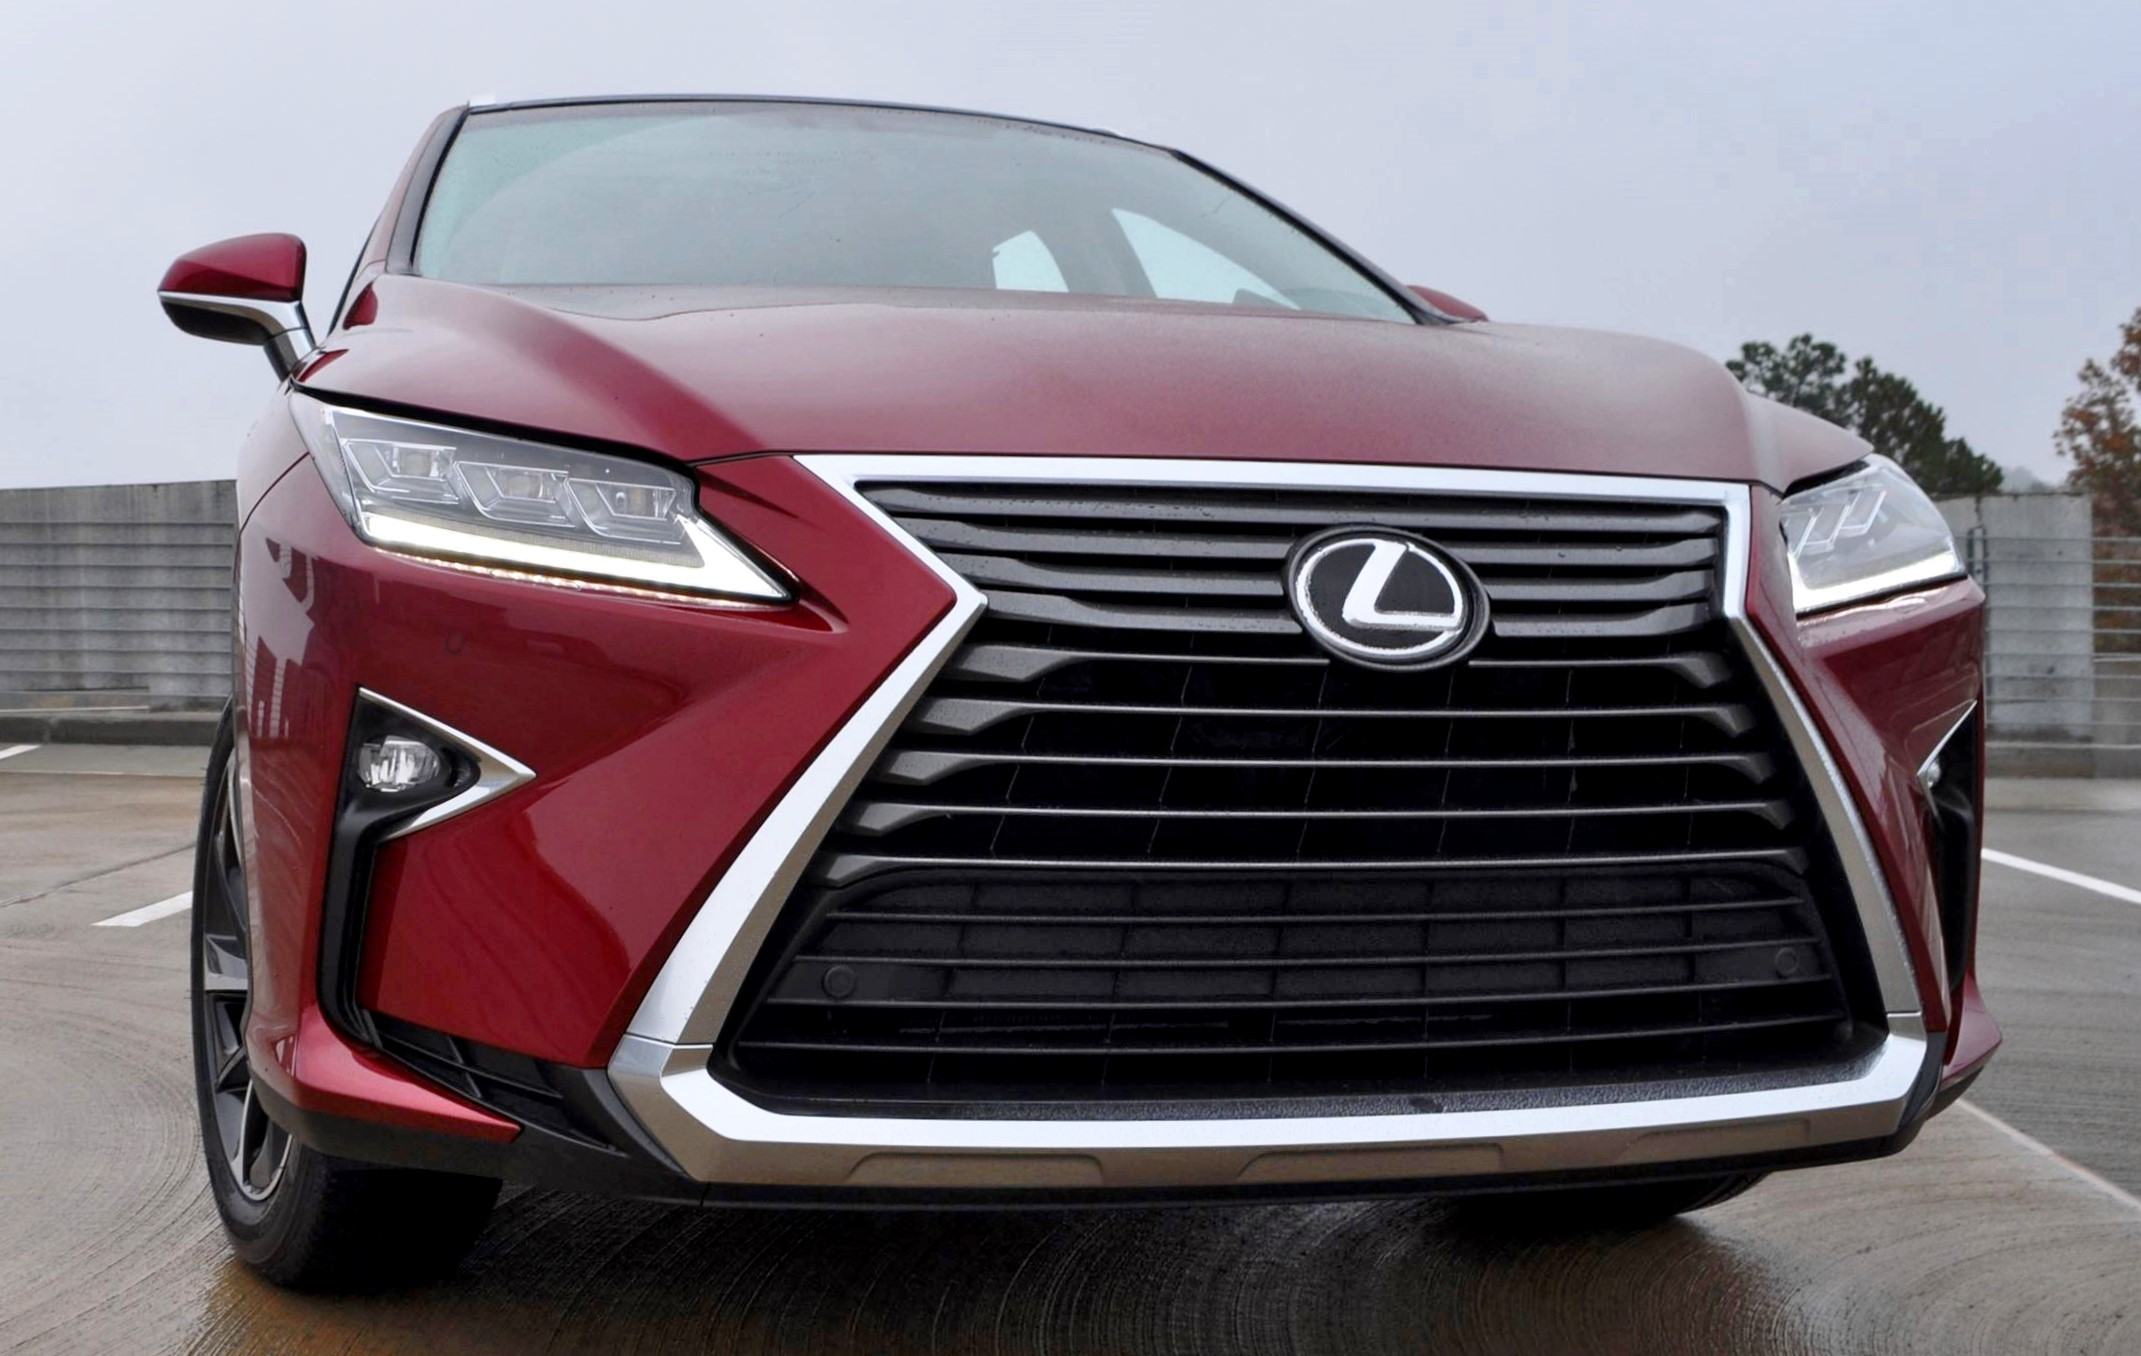 2016 Lexus RX350 Review